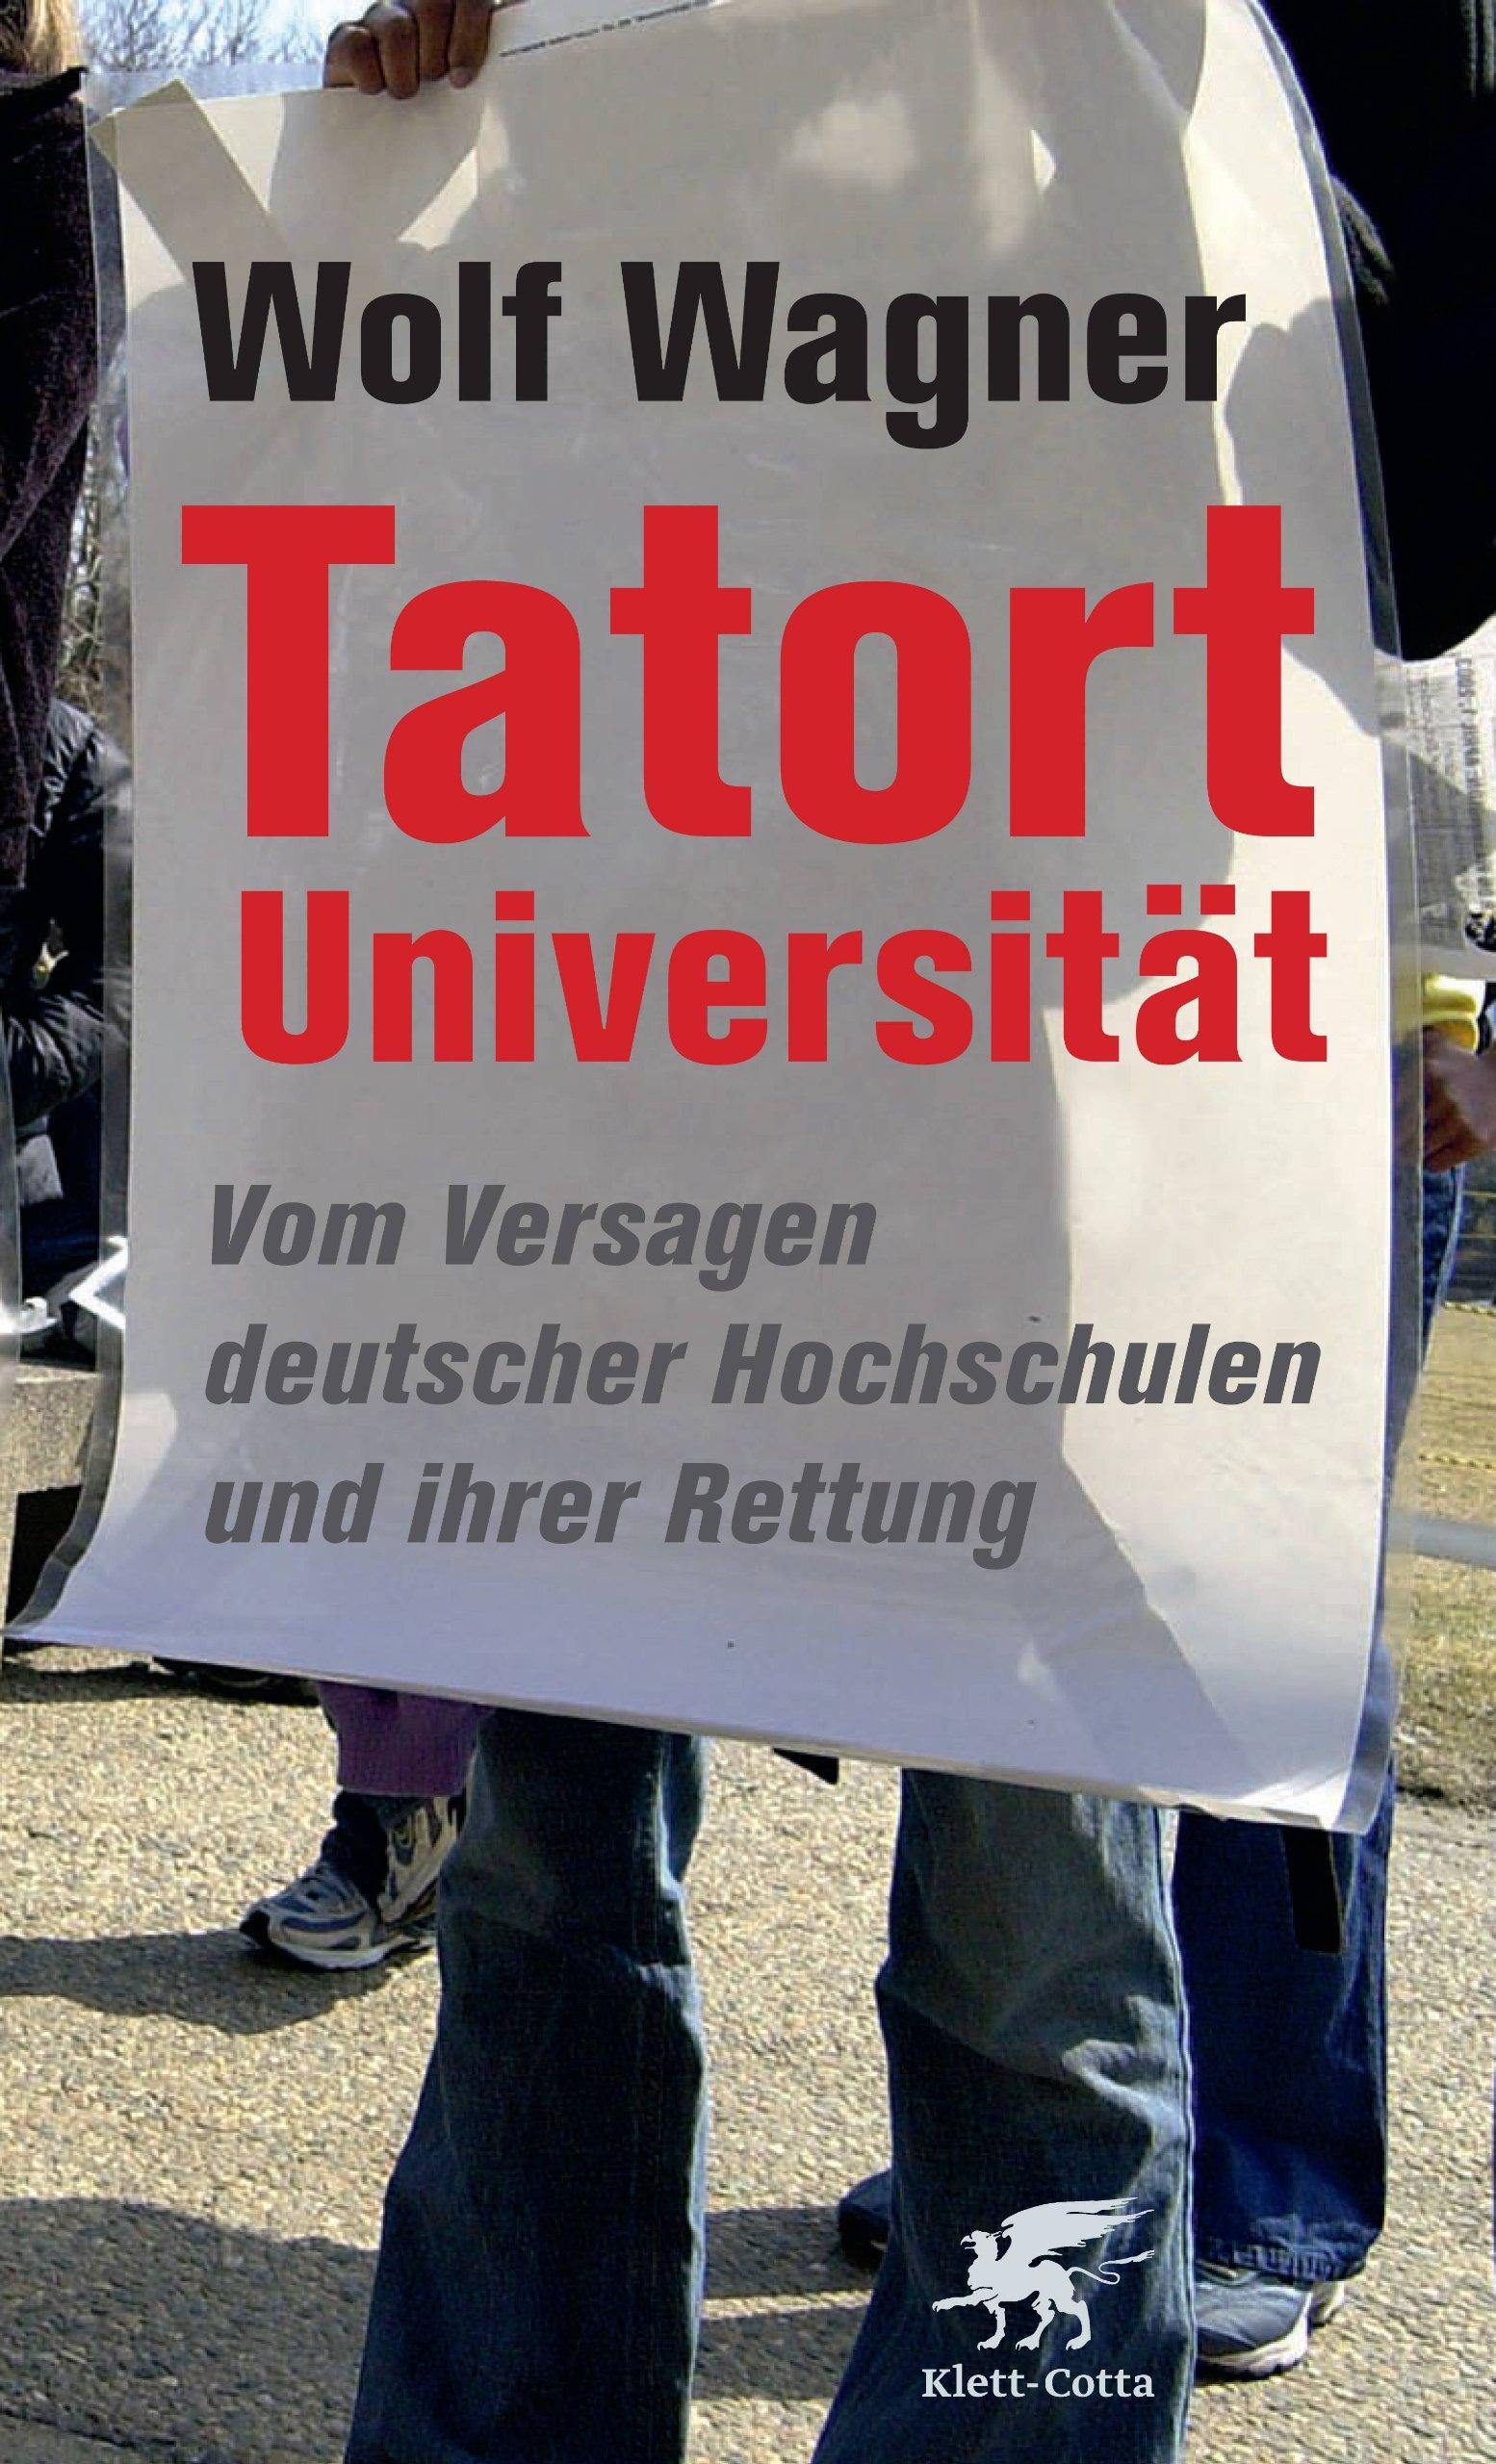 Tatort Universität: Vom Versagen deutscher Hochschulen und ihrer Rettung Broschiert – Februar 2010 Wolf Wagner Klett-Cotta 3608946144 Science / General